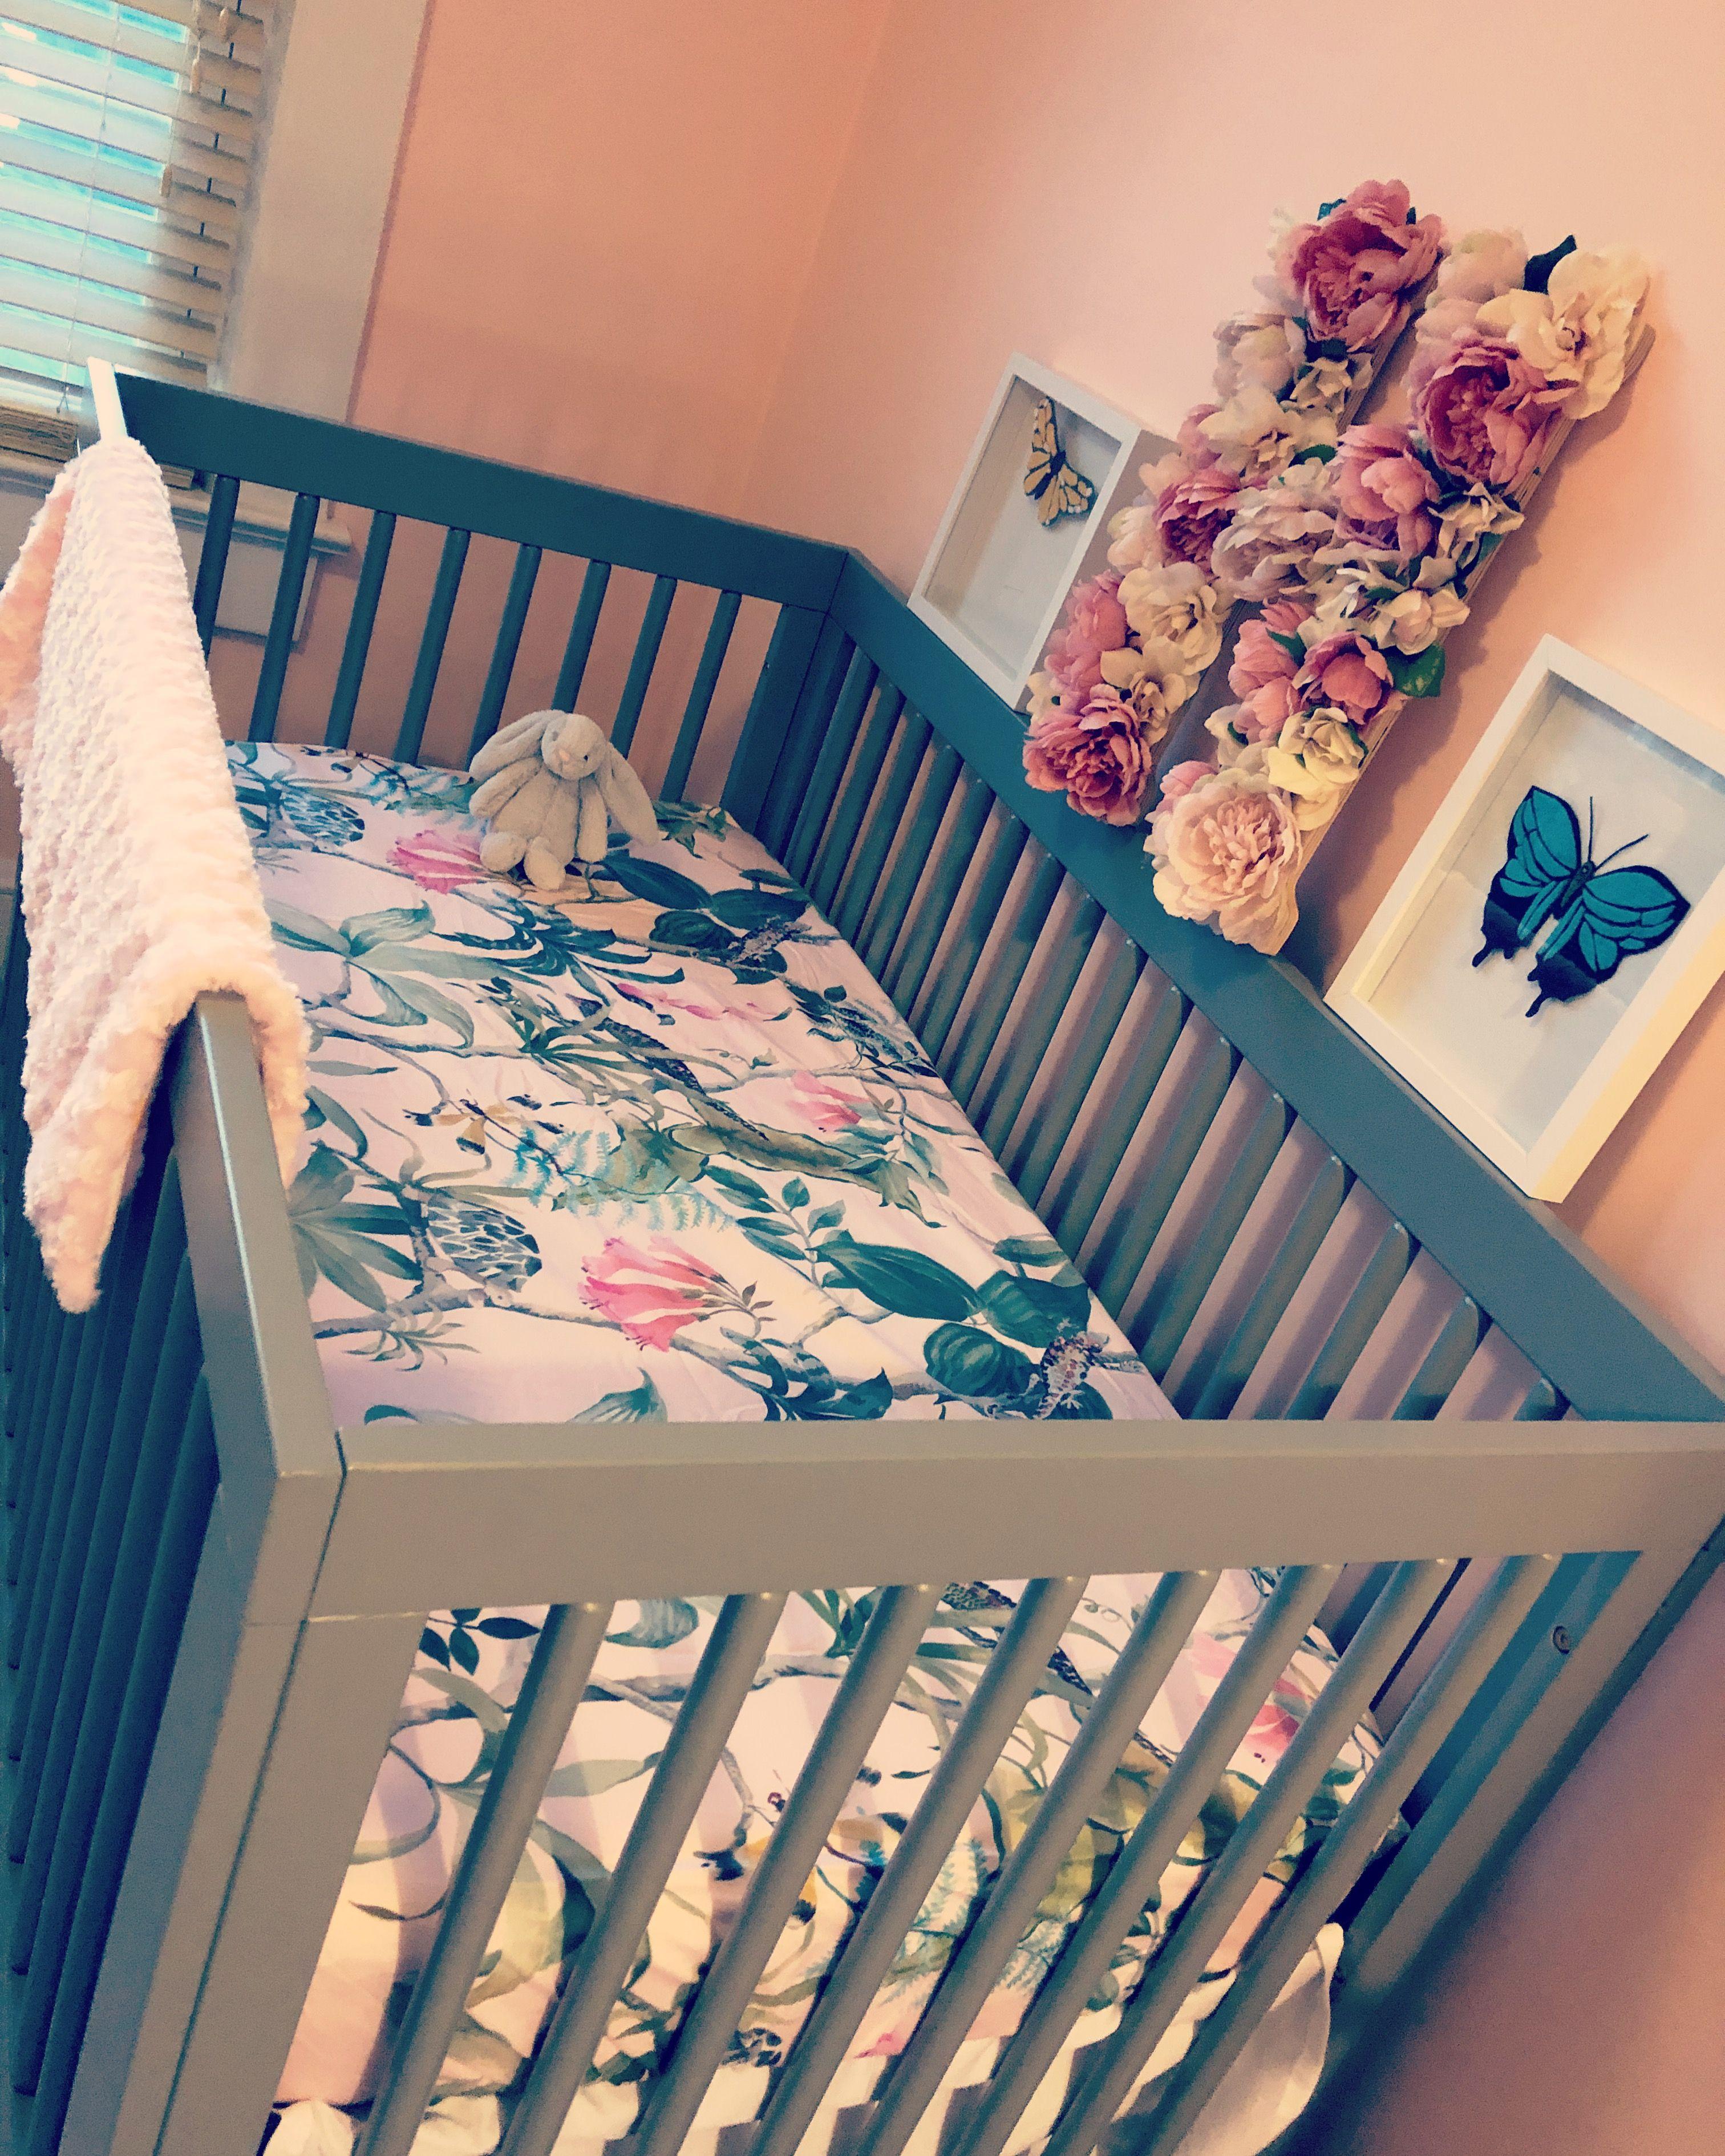 Handcrafted felt butterflies, pottery barn crib sheet